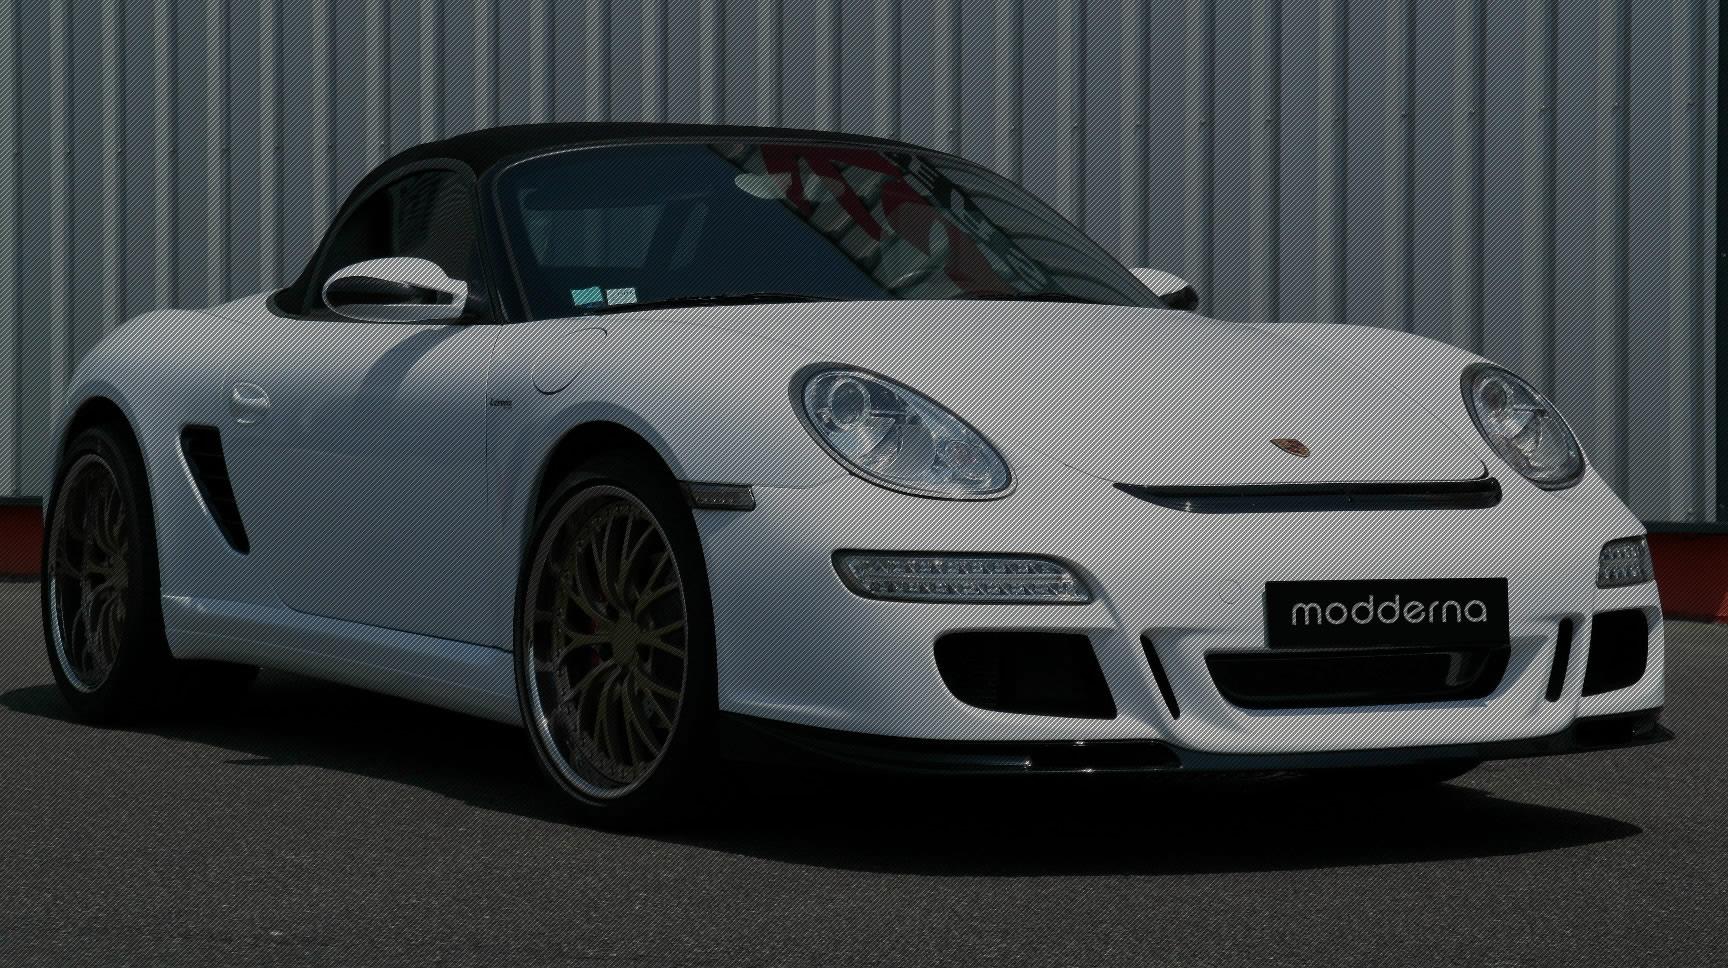 Porsche 987 GT3 by Modderna